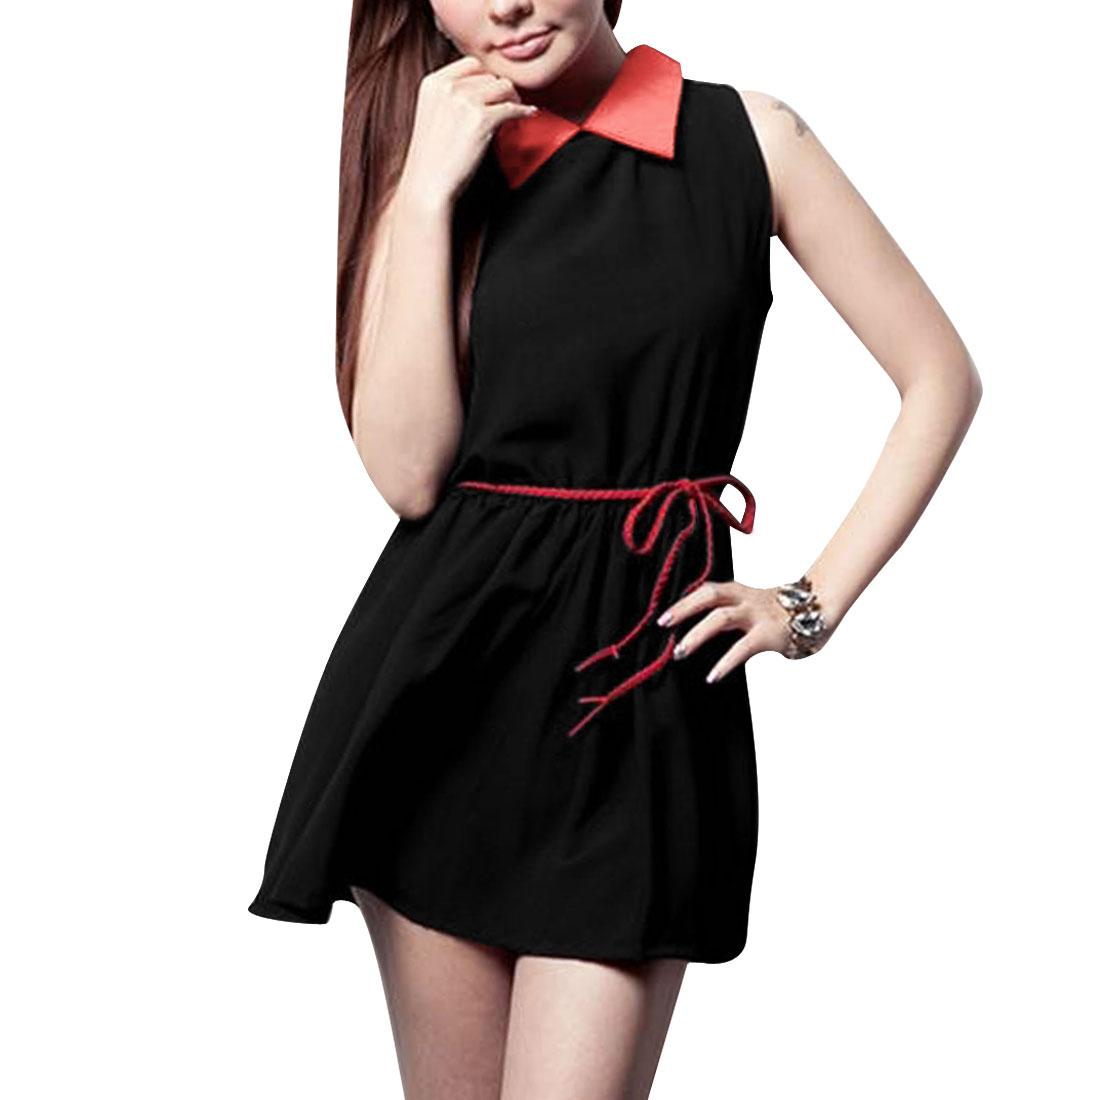 Women New Fashion Doll Collar Design Contrast Color Black Mini Dress S